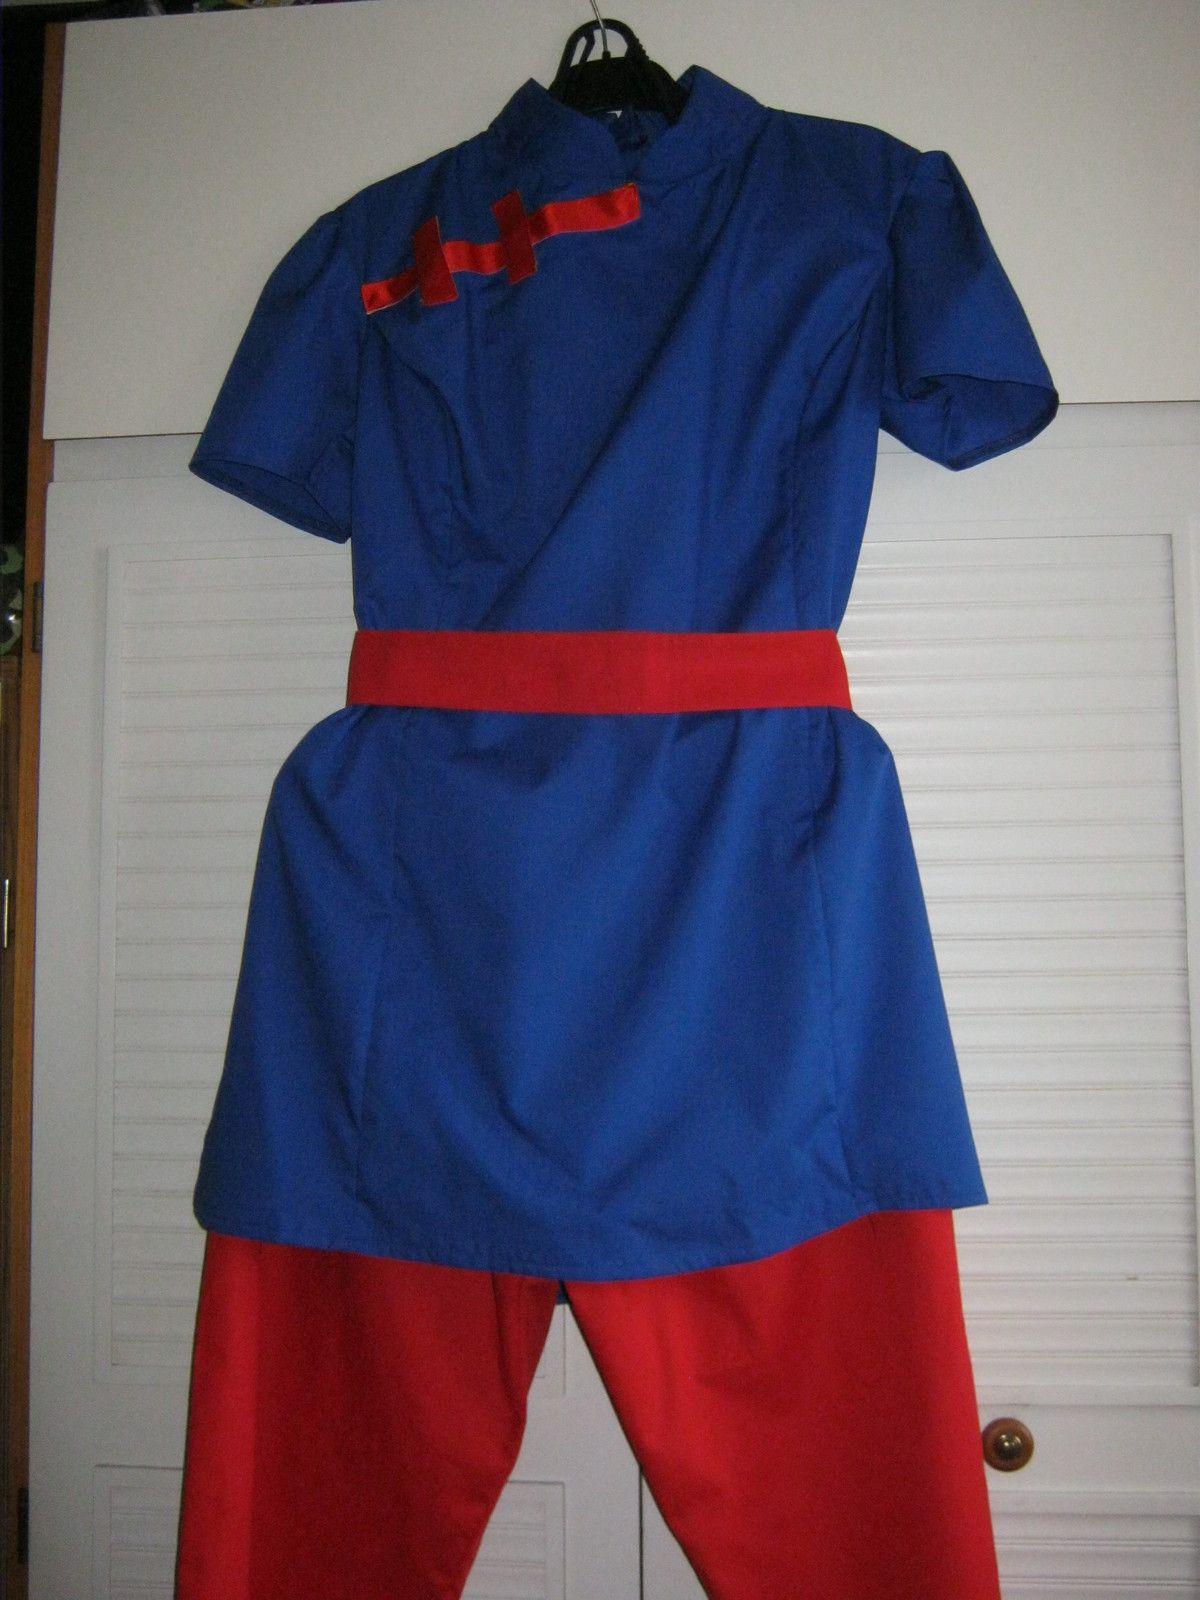 Yuffie yulan cosplay